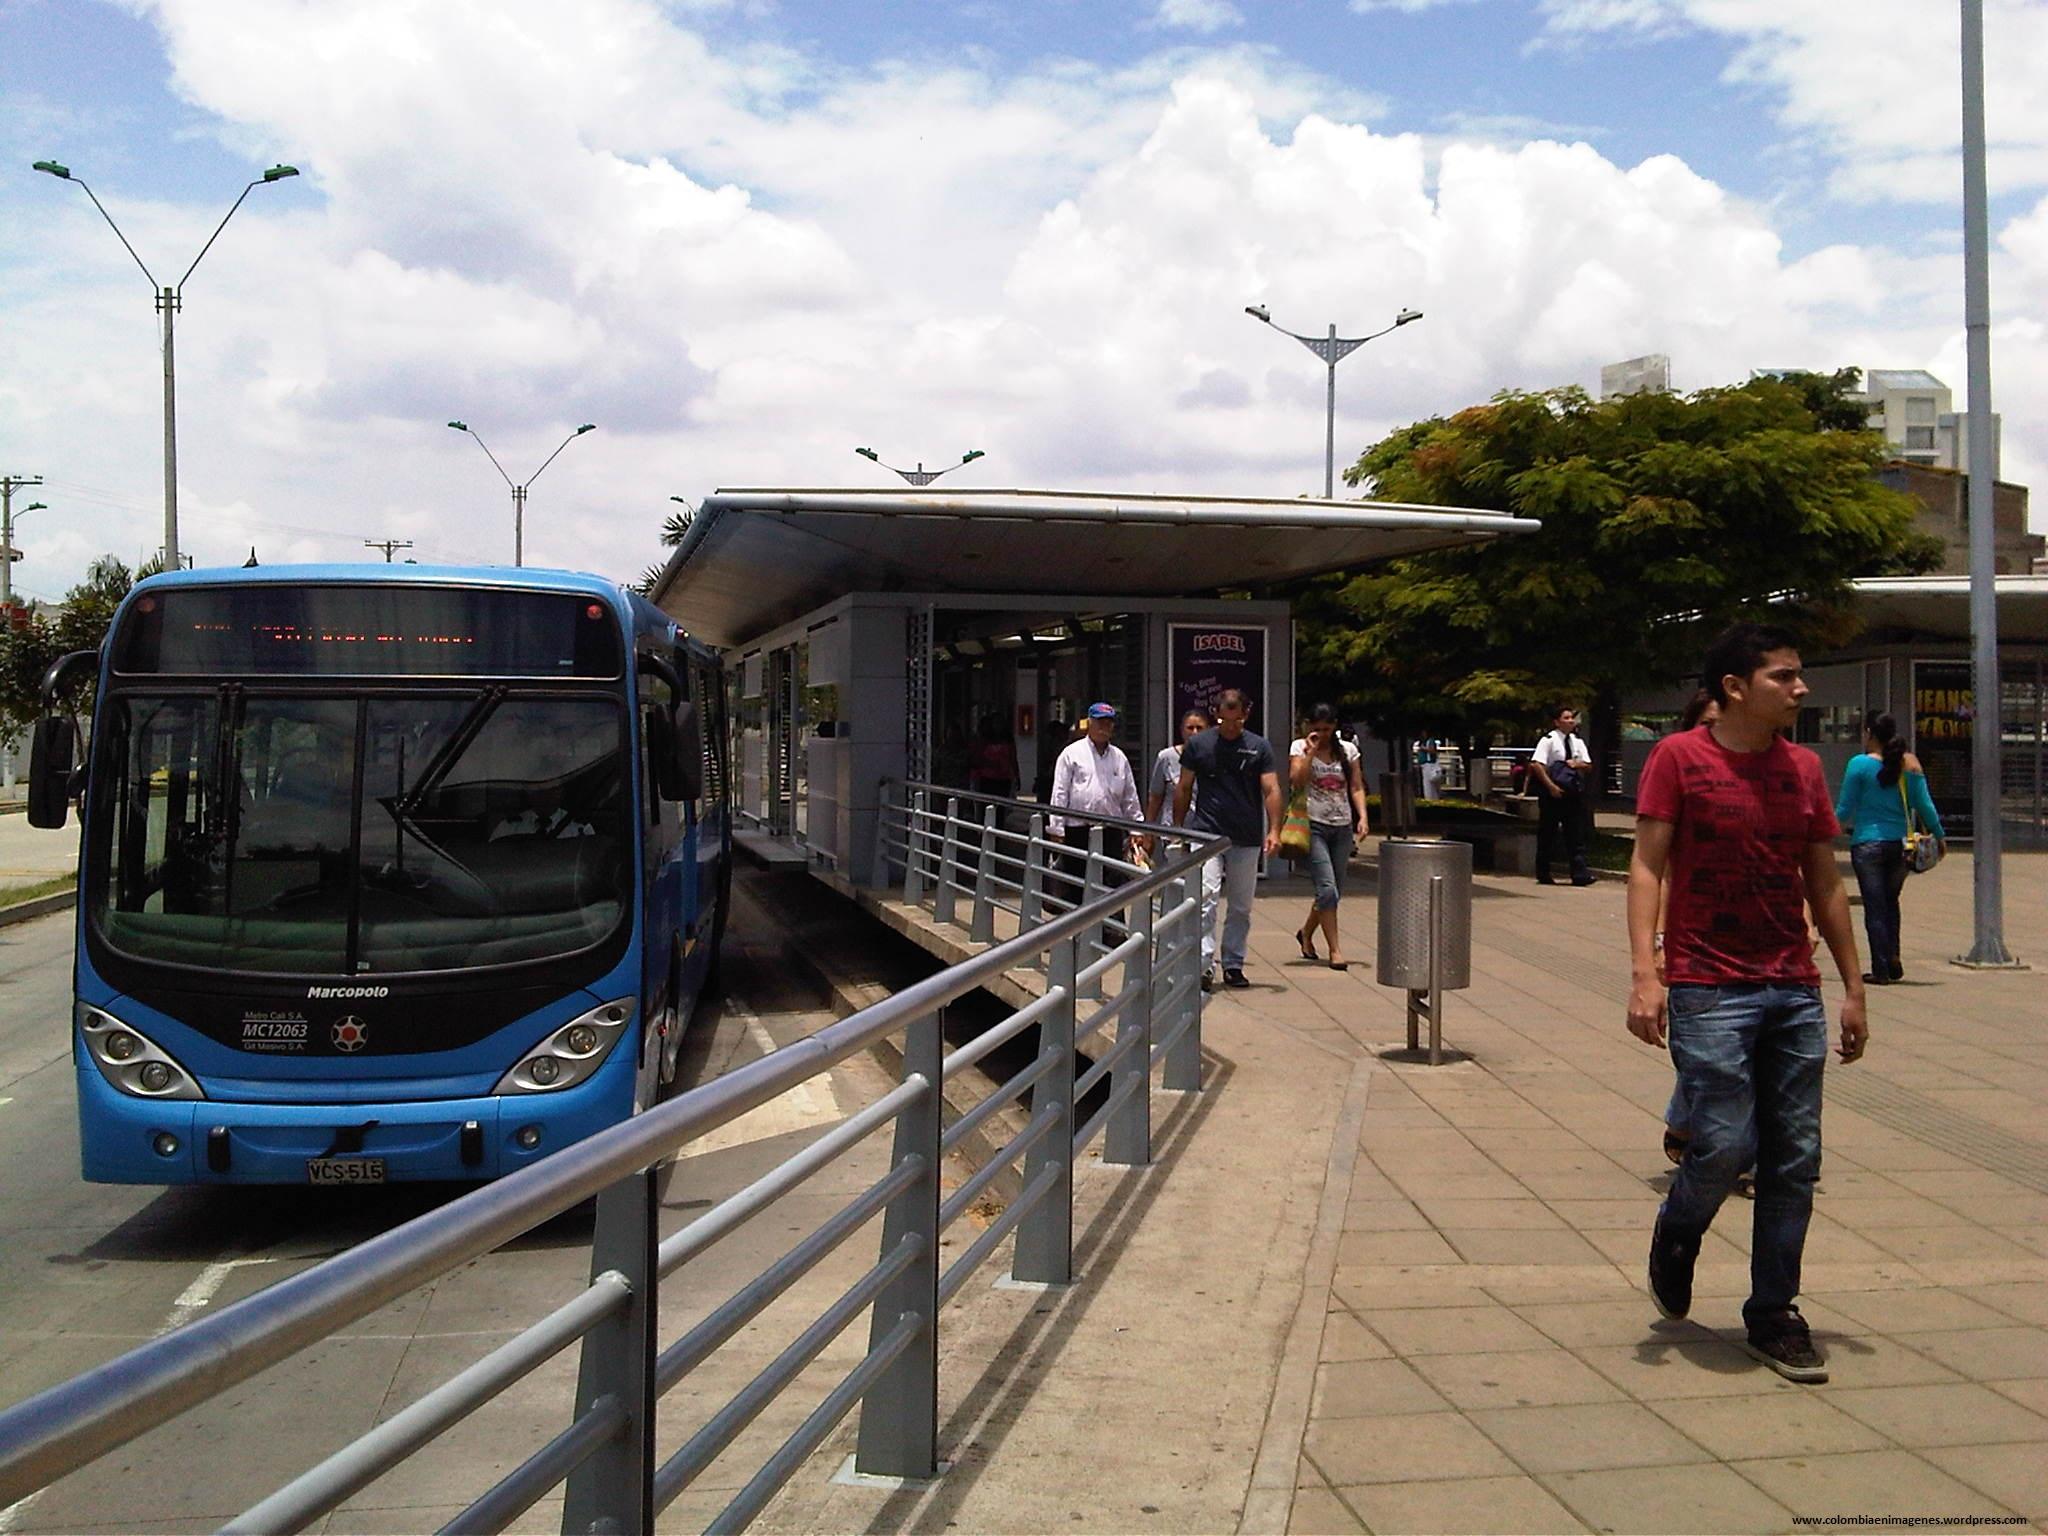 Obras que mejorarán la movilización en la estación de Universidades